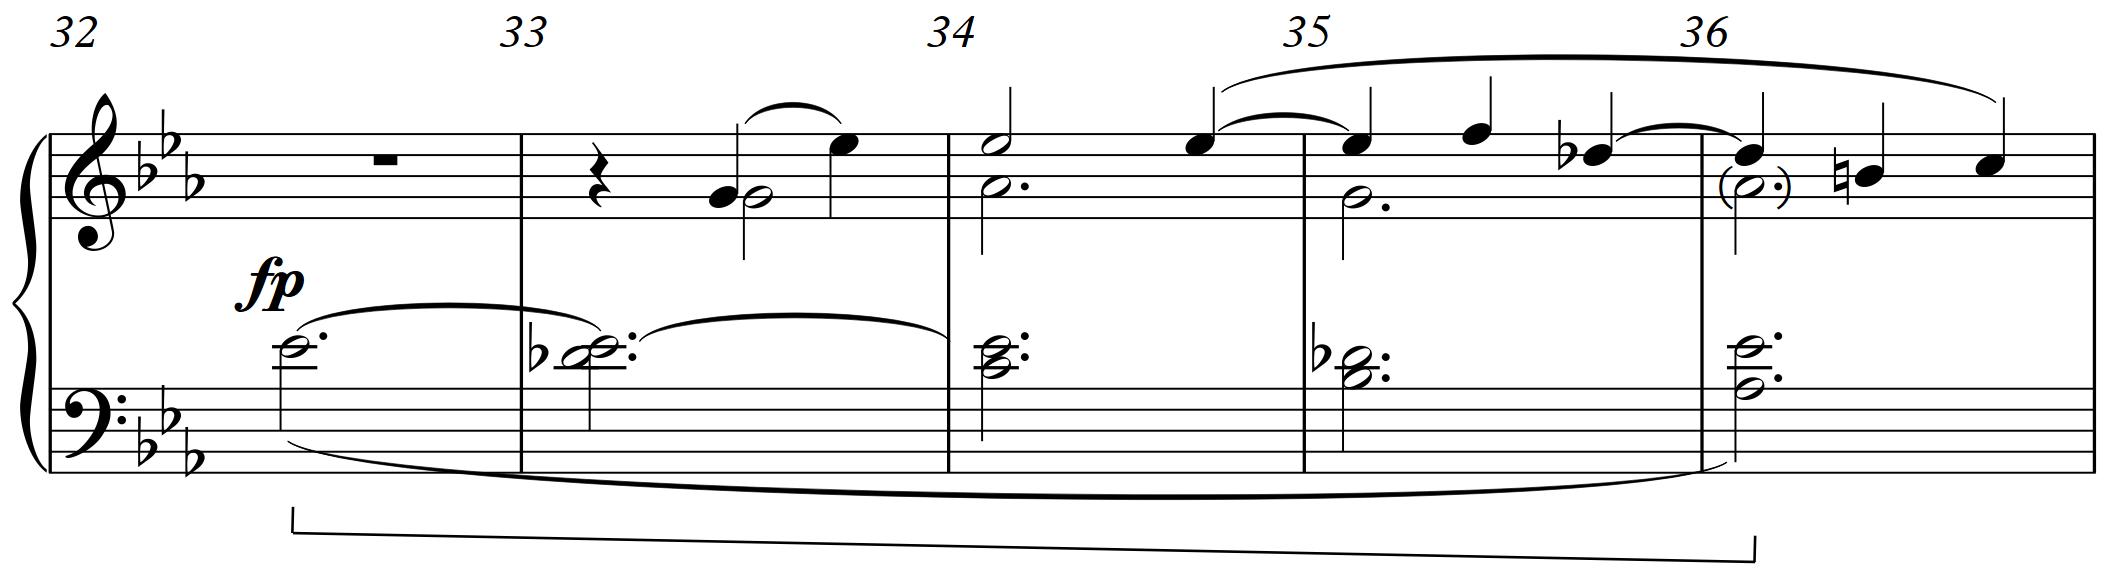 Beethoven Sonata 5 bar 32-36.png